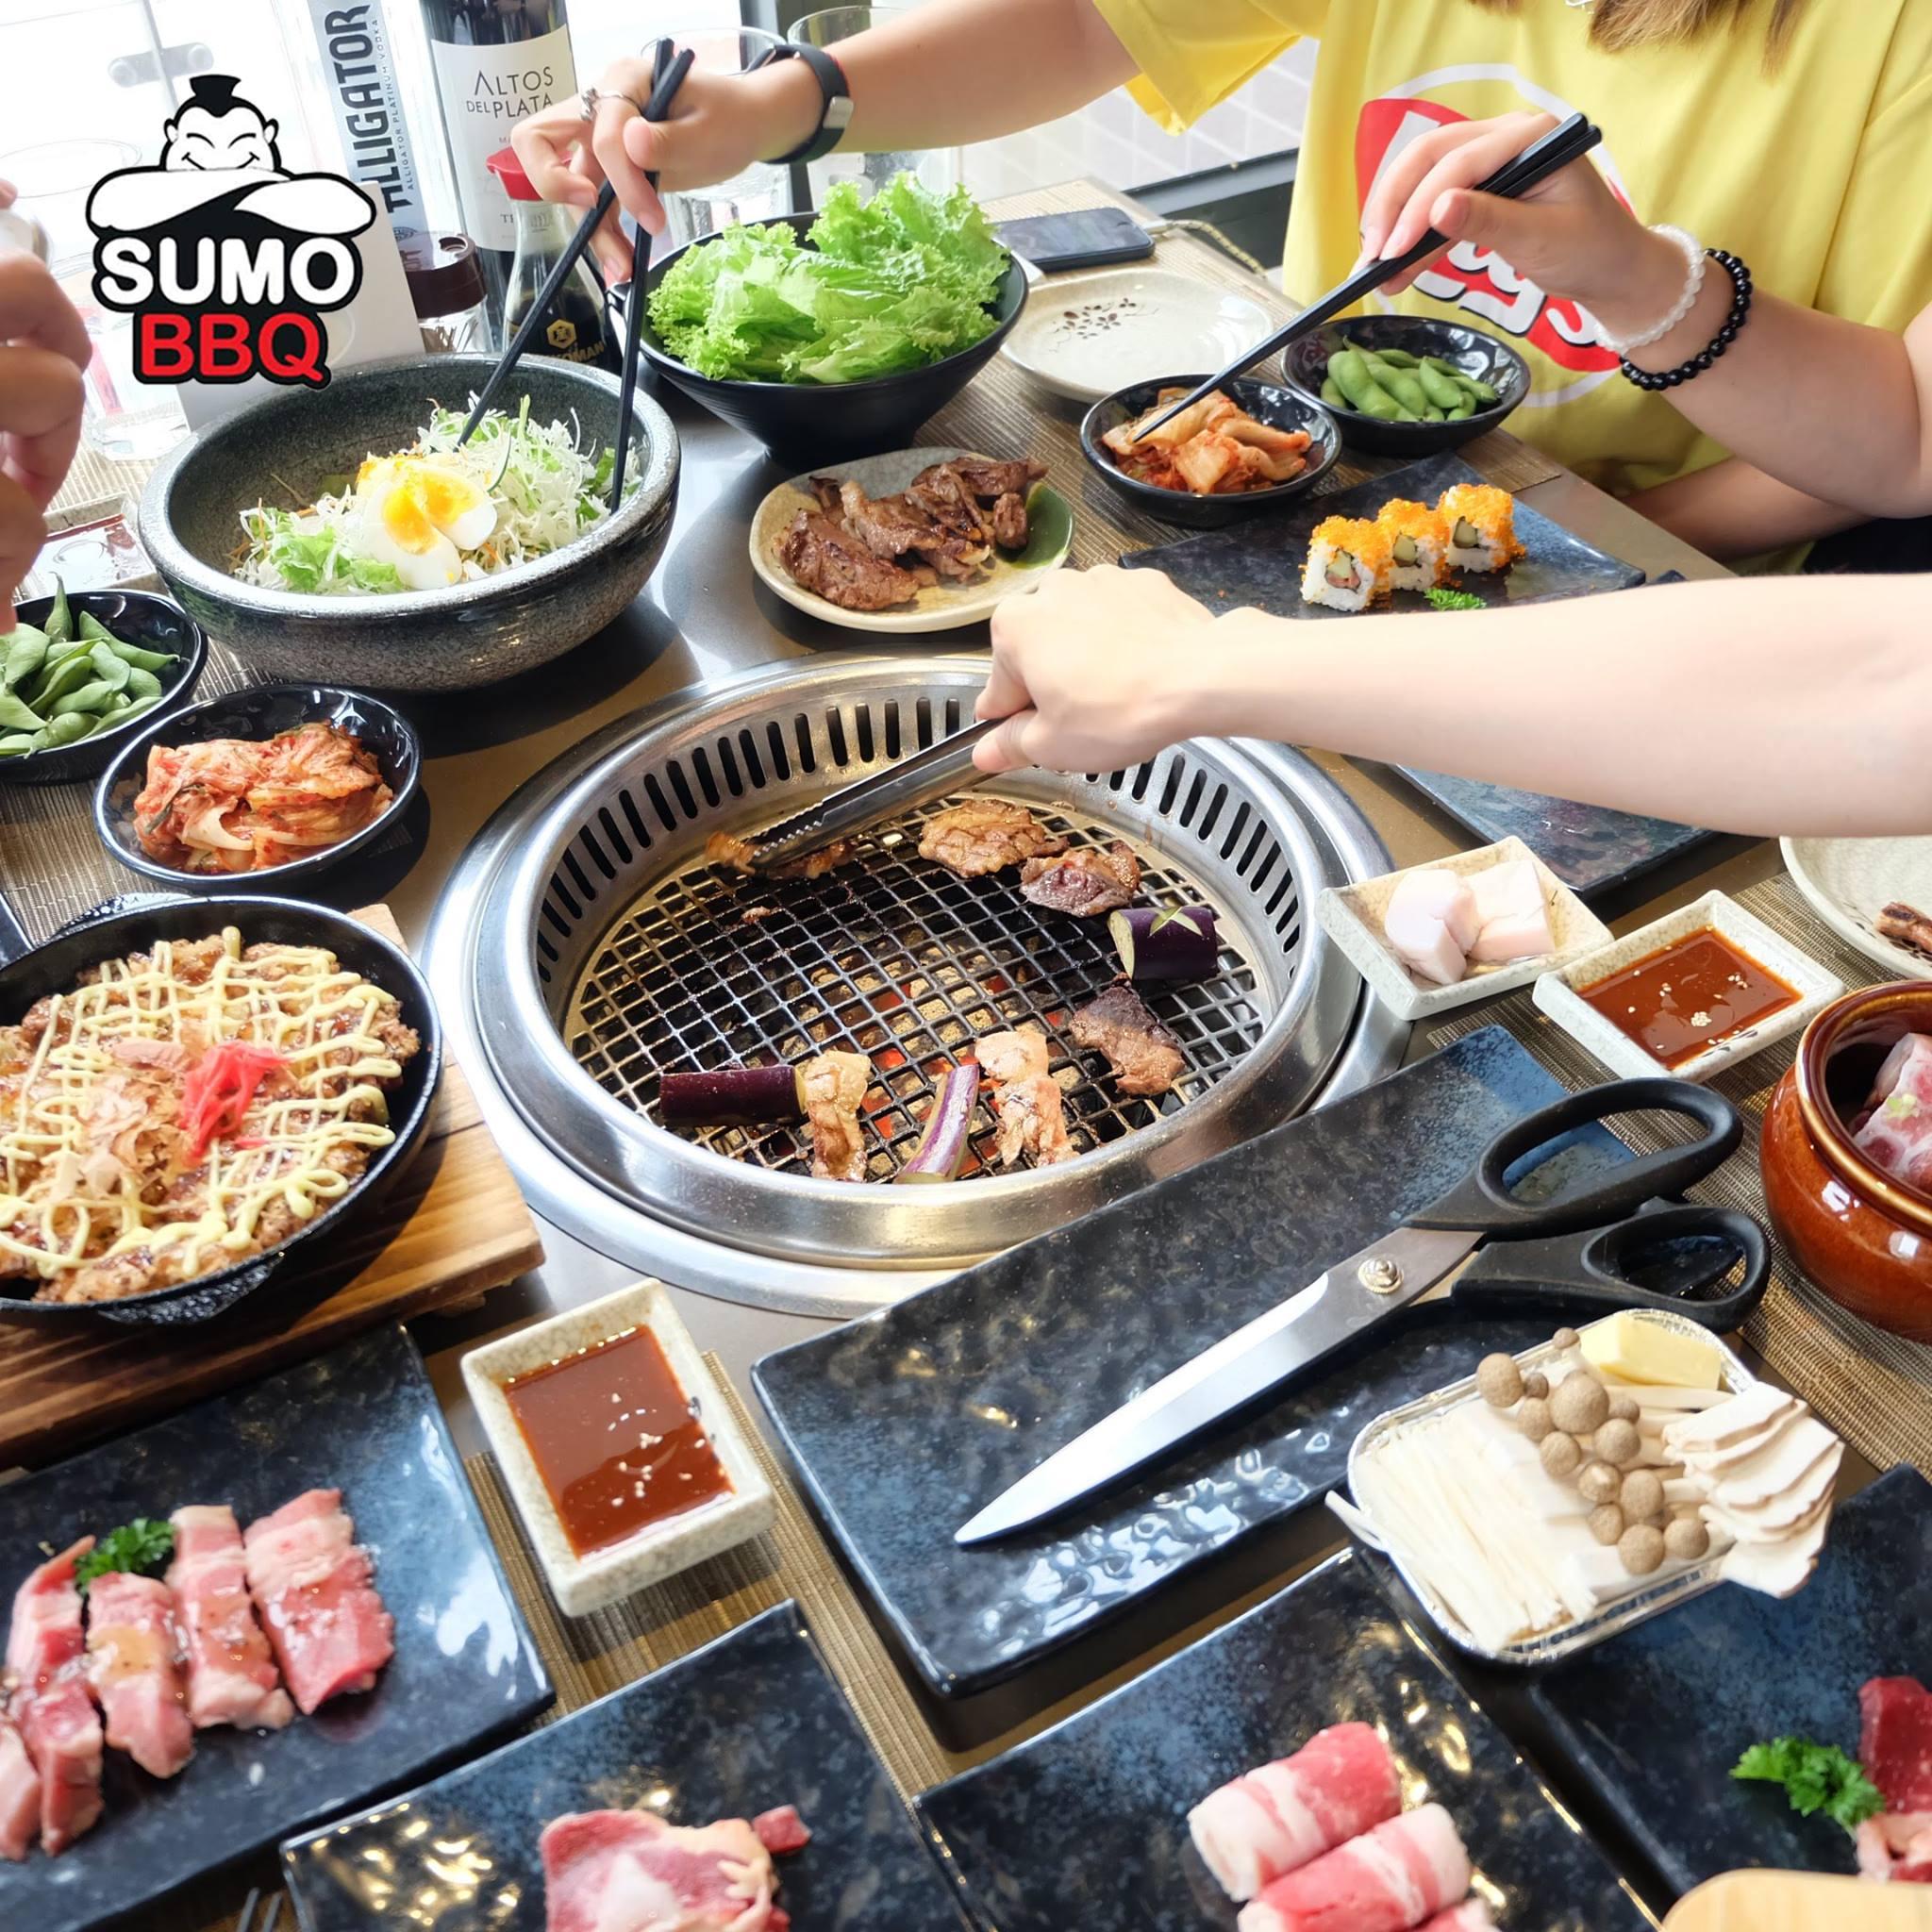 Sumo BBQ món ăn